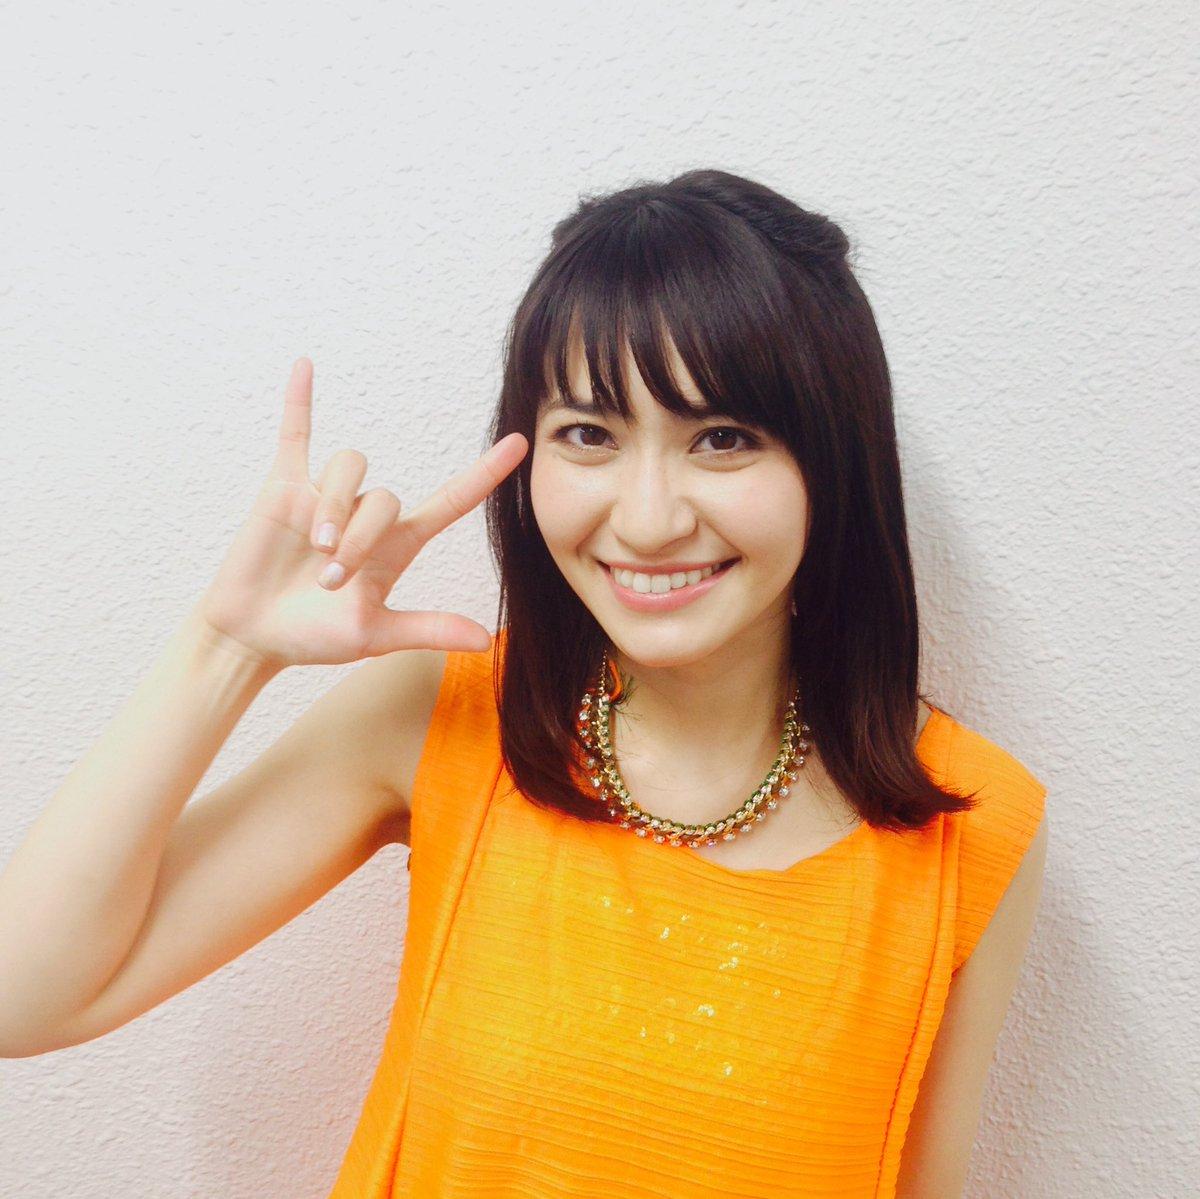 横浜アリーナでのワルキューレ2nd LIVE 「ワルキューレがとまらない」 わたくし中島愛、ゲストで…